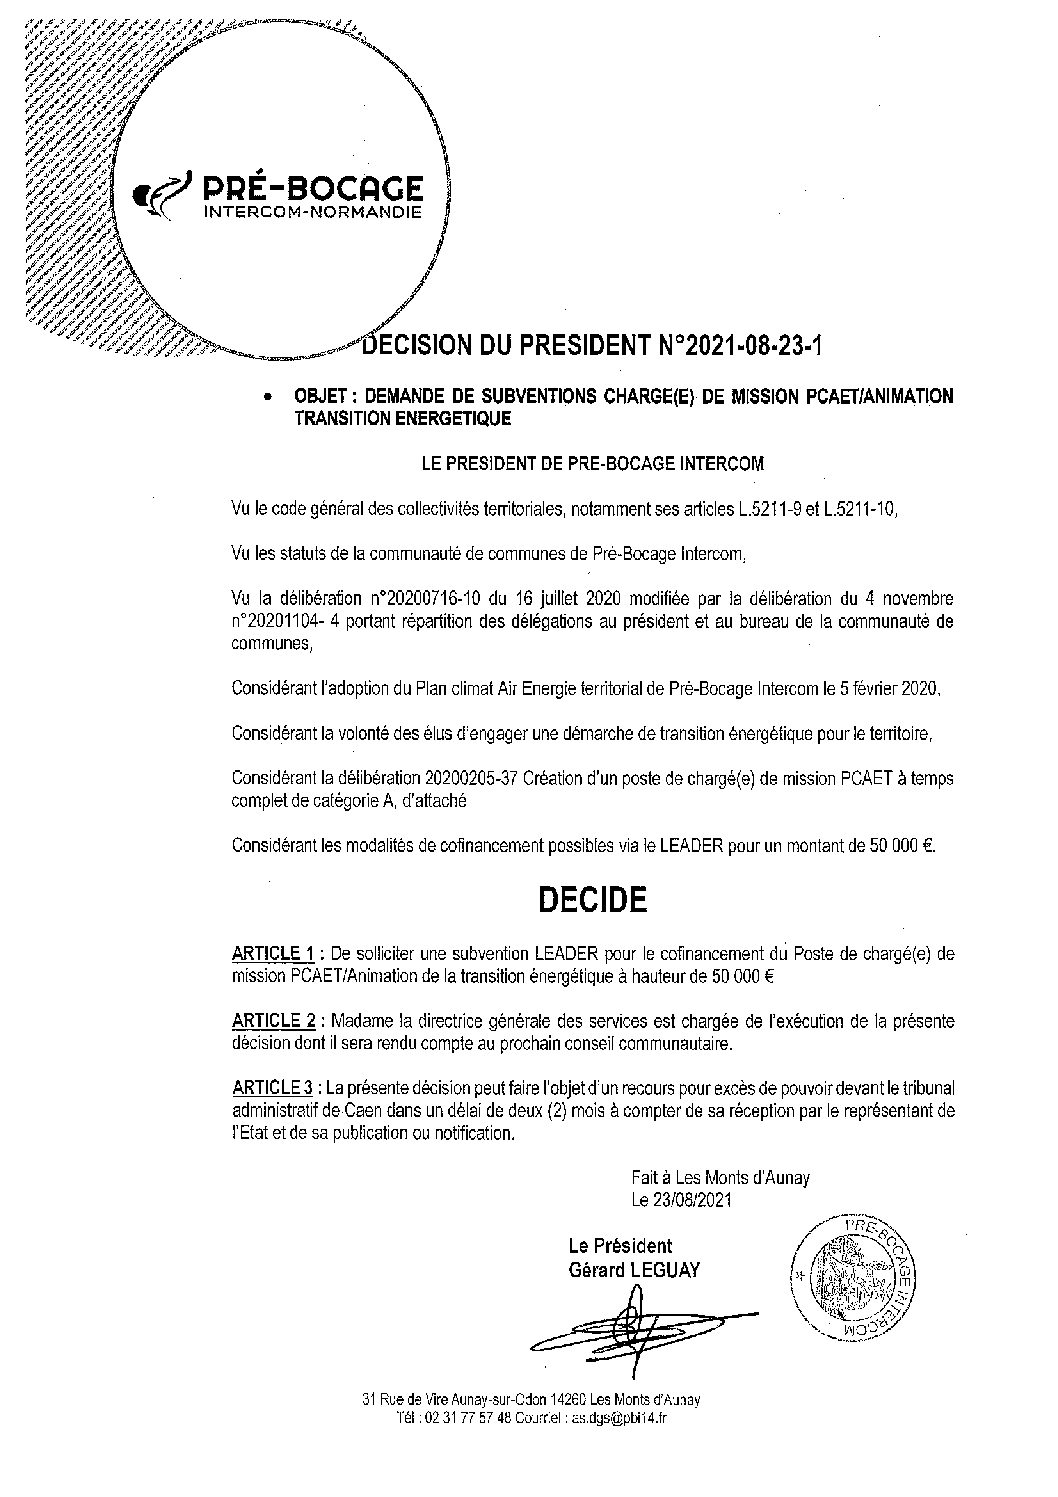 Décision déléguée du 23 août 2021